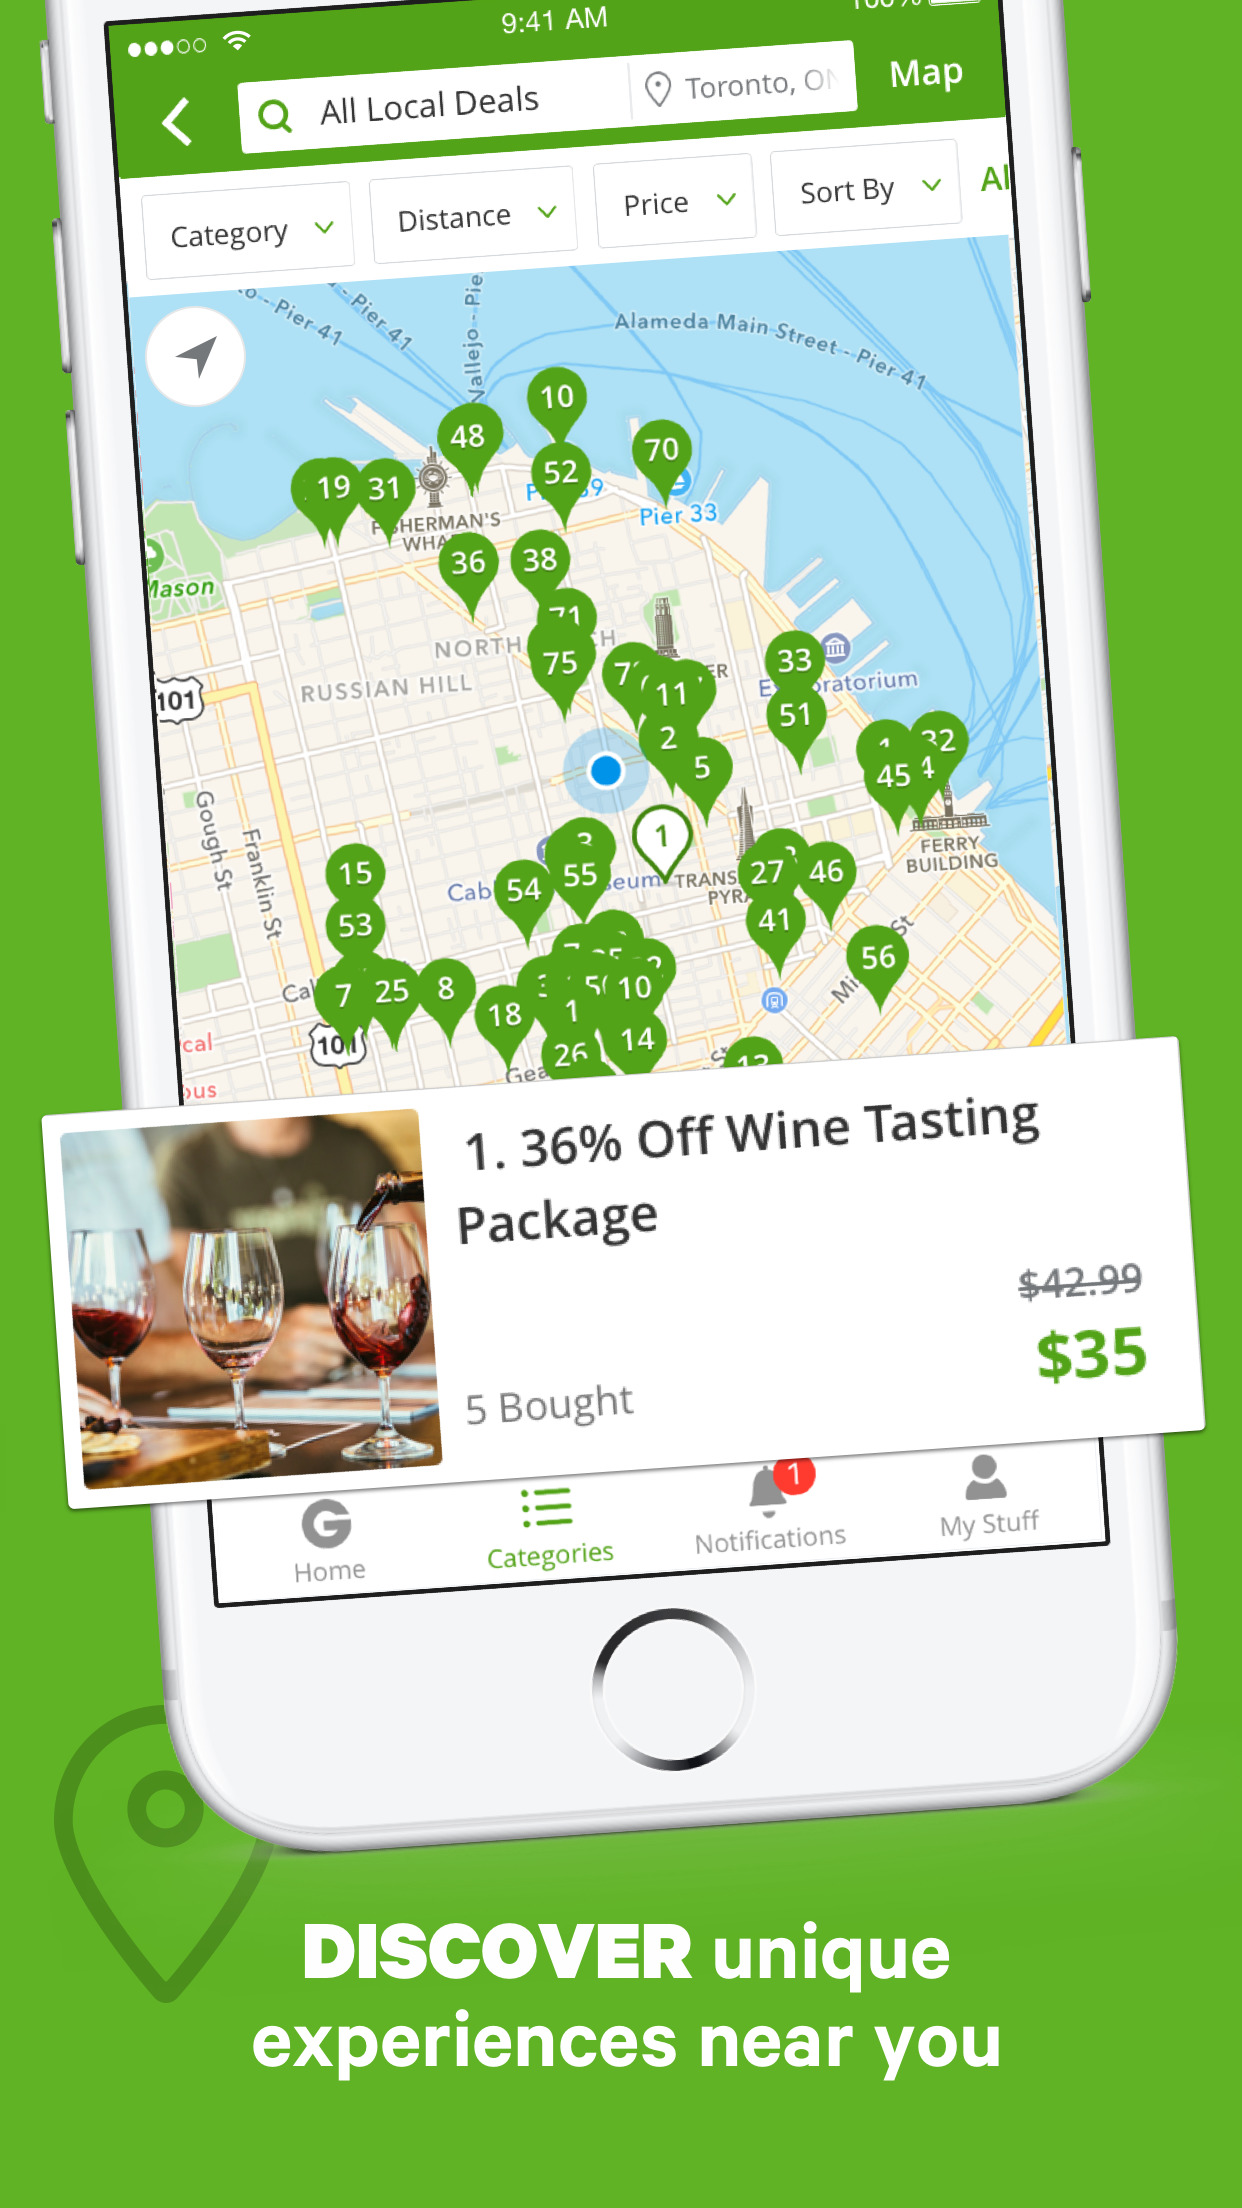 Groupon - Deals, Coupons & Discount Shopping App Screenshot